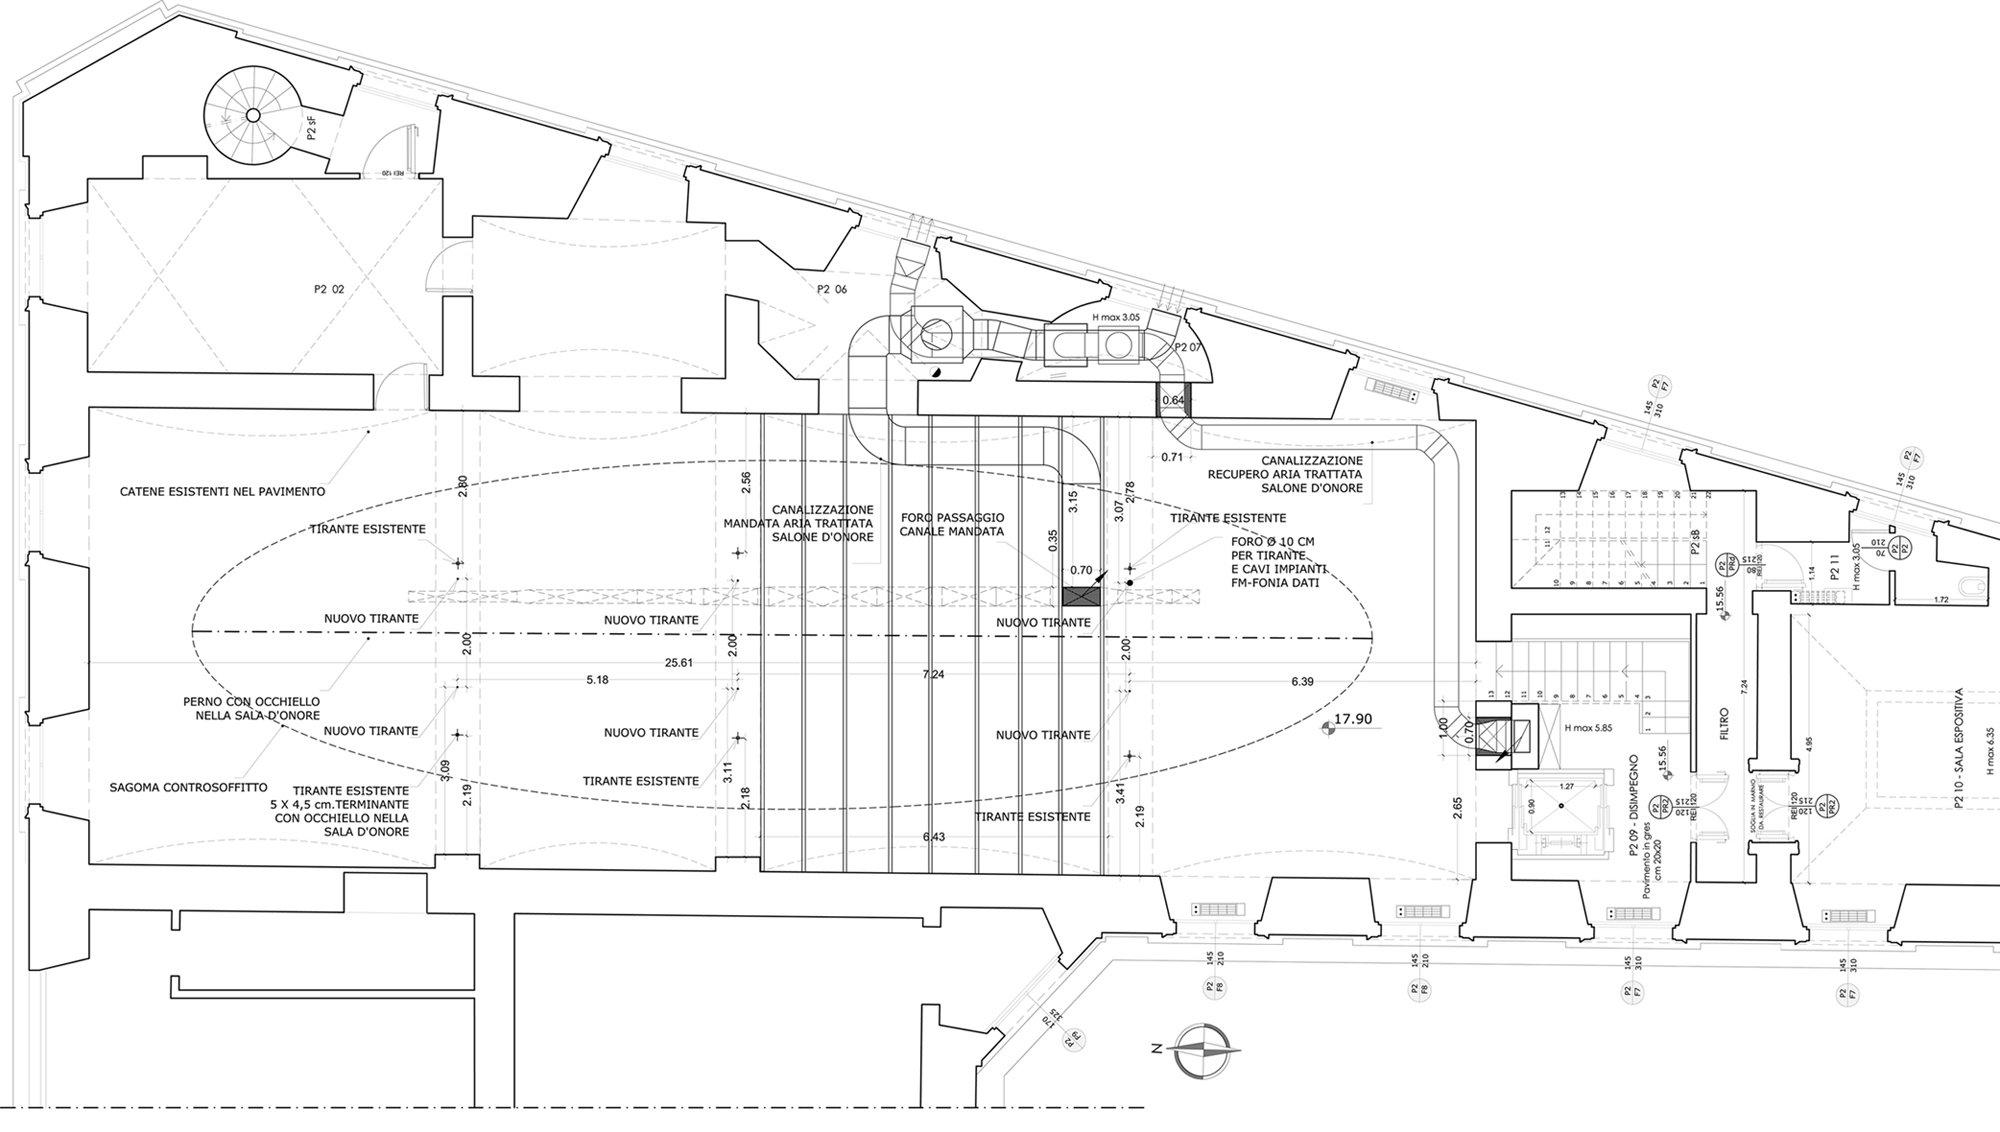 pianta del piano superiore al salone d'onore dove sono indicate le macchine dell'impianto con la posizione delle mandata e della ripresa }